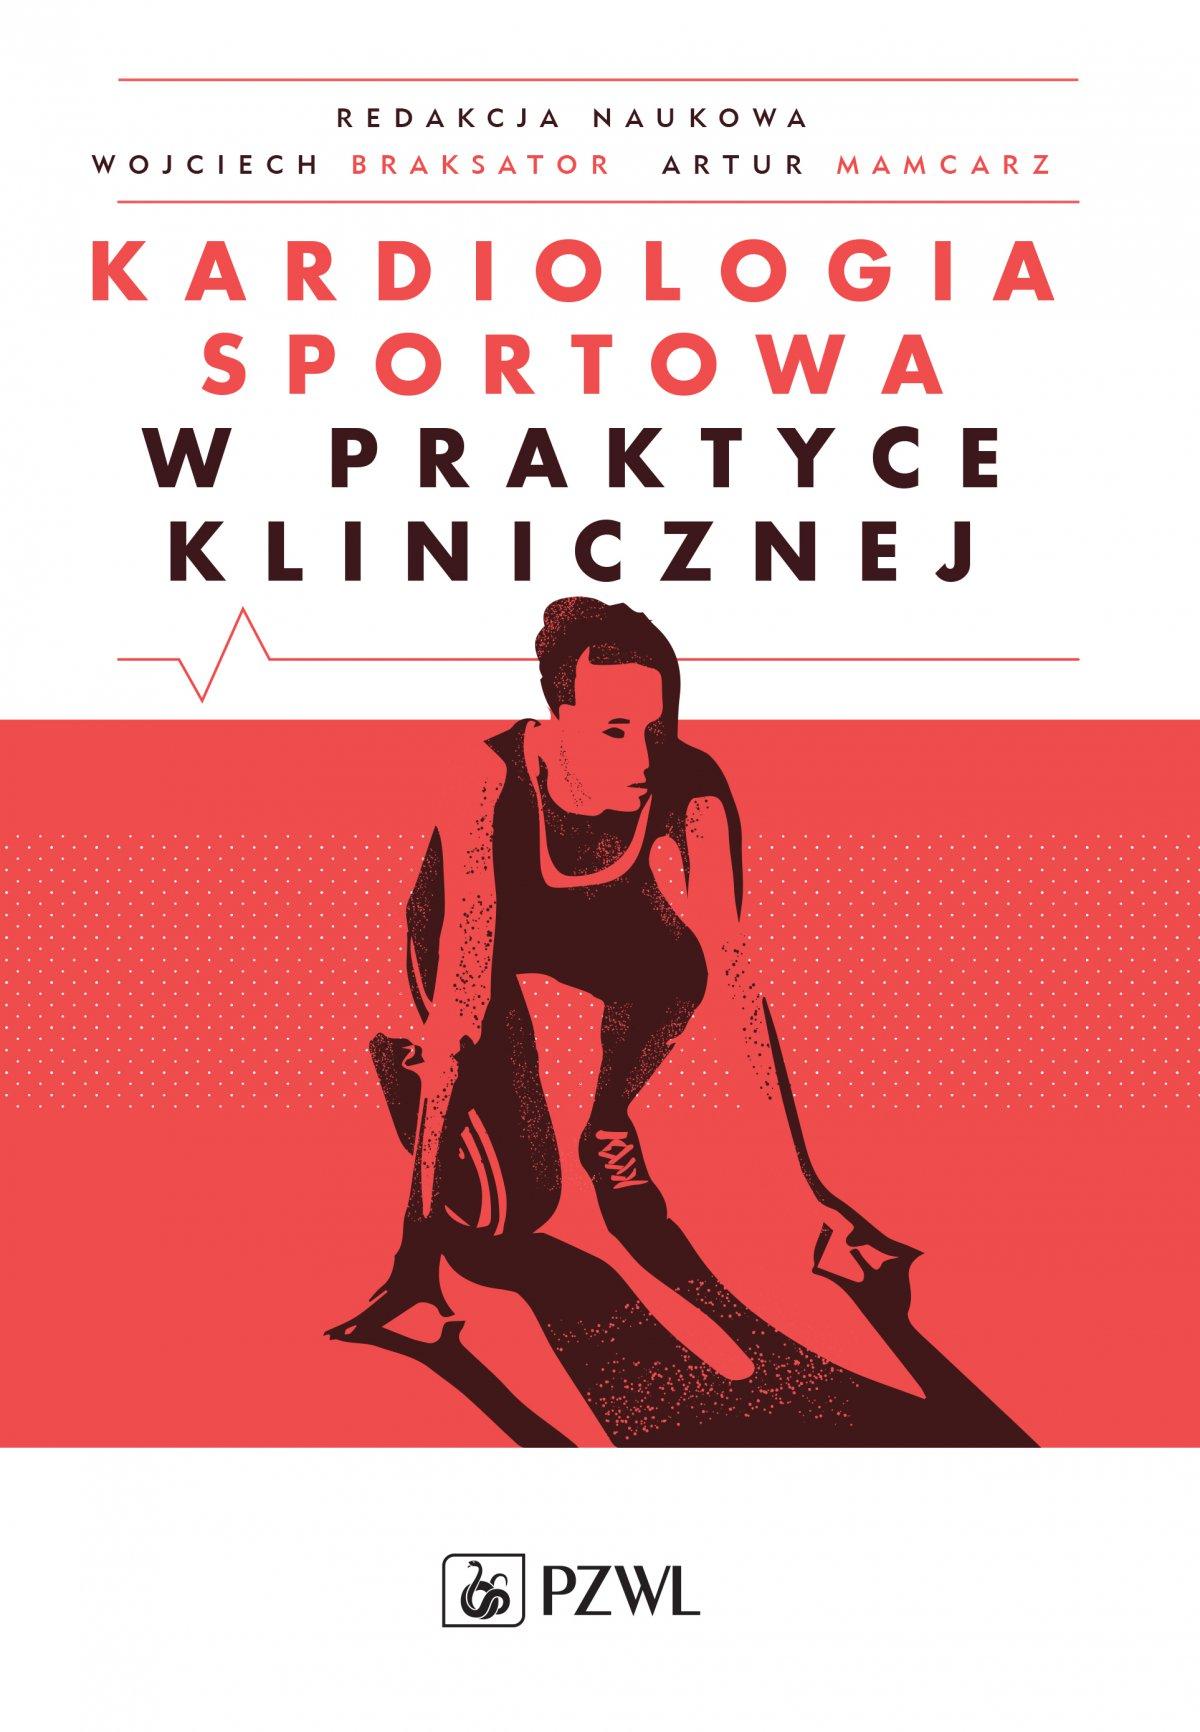 Kardiologia sportowa w praktyce klinicznej - Ebook (Książka EPUB) do pobrania w formacie EPUB